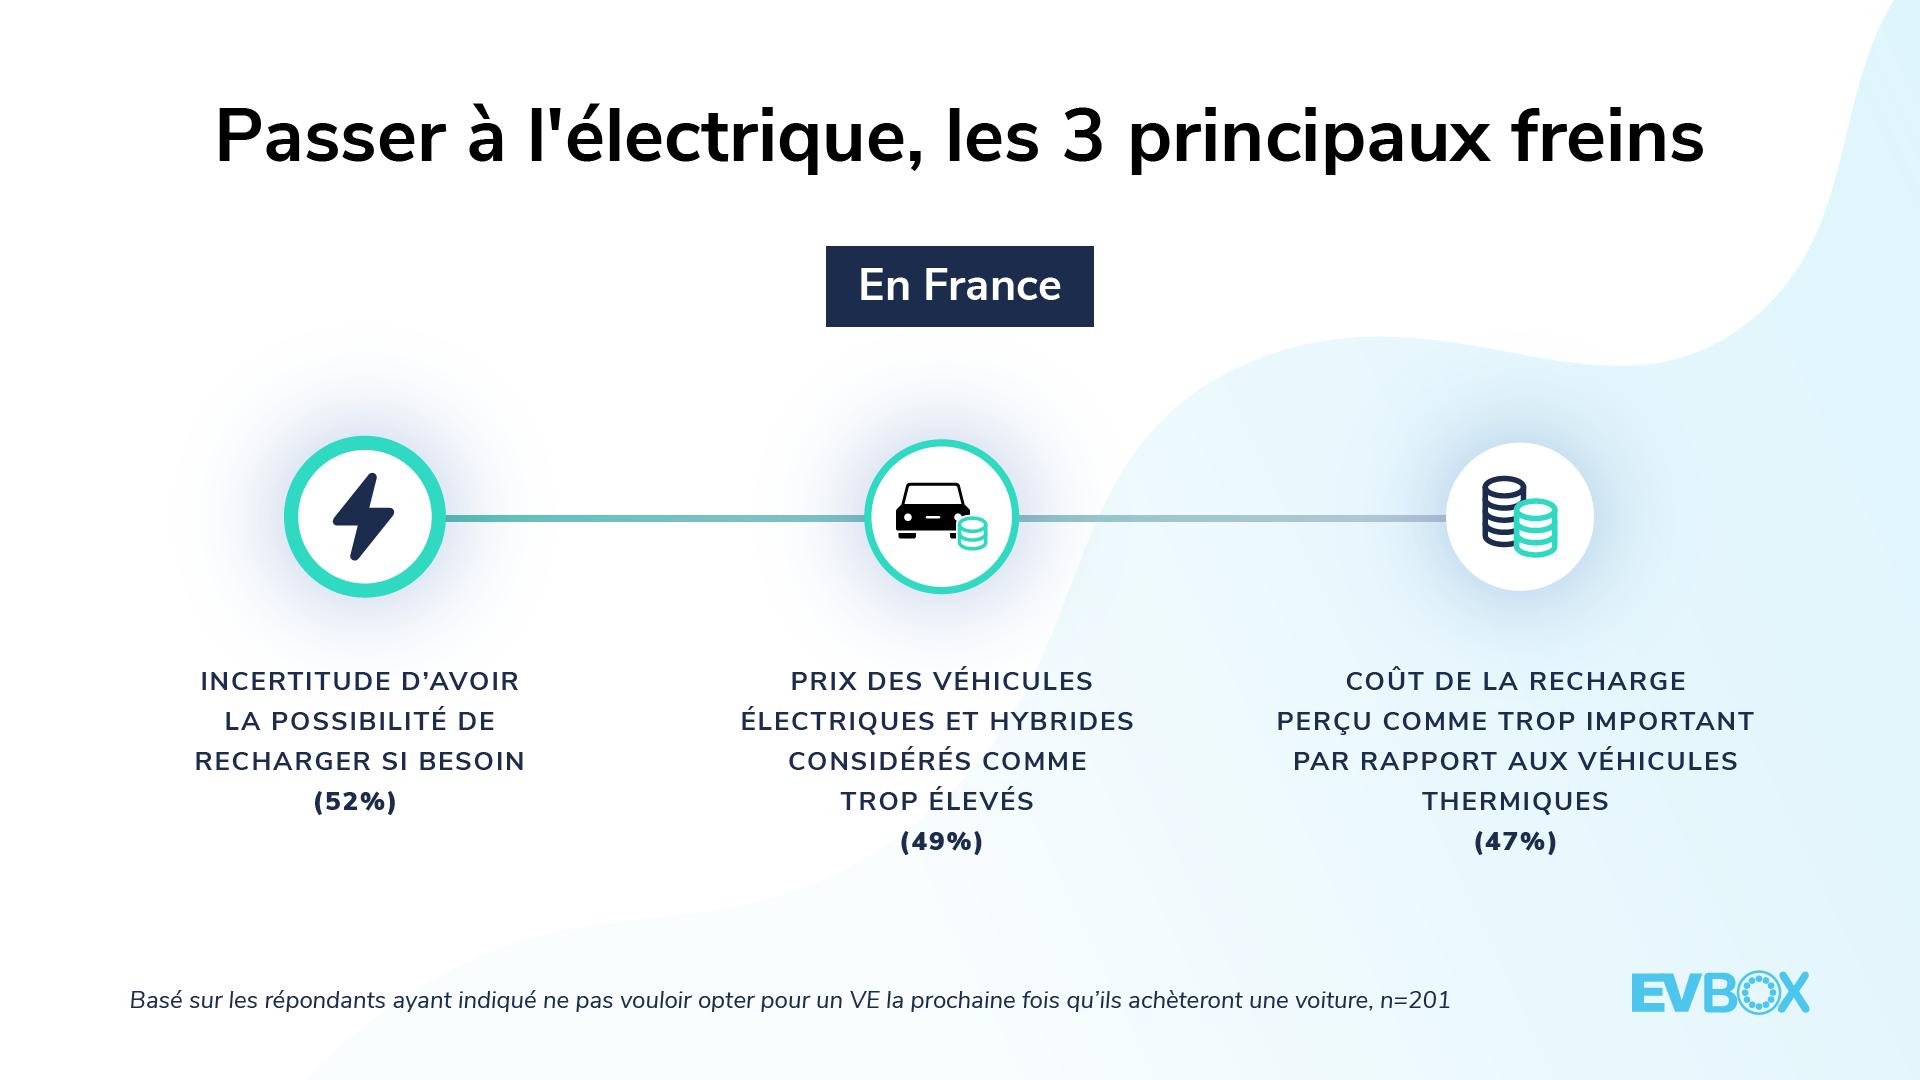 Passer à l'électrique, les 3 principaux freins — Baromètre EVBox de la Mobilité